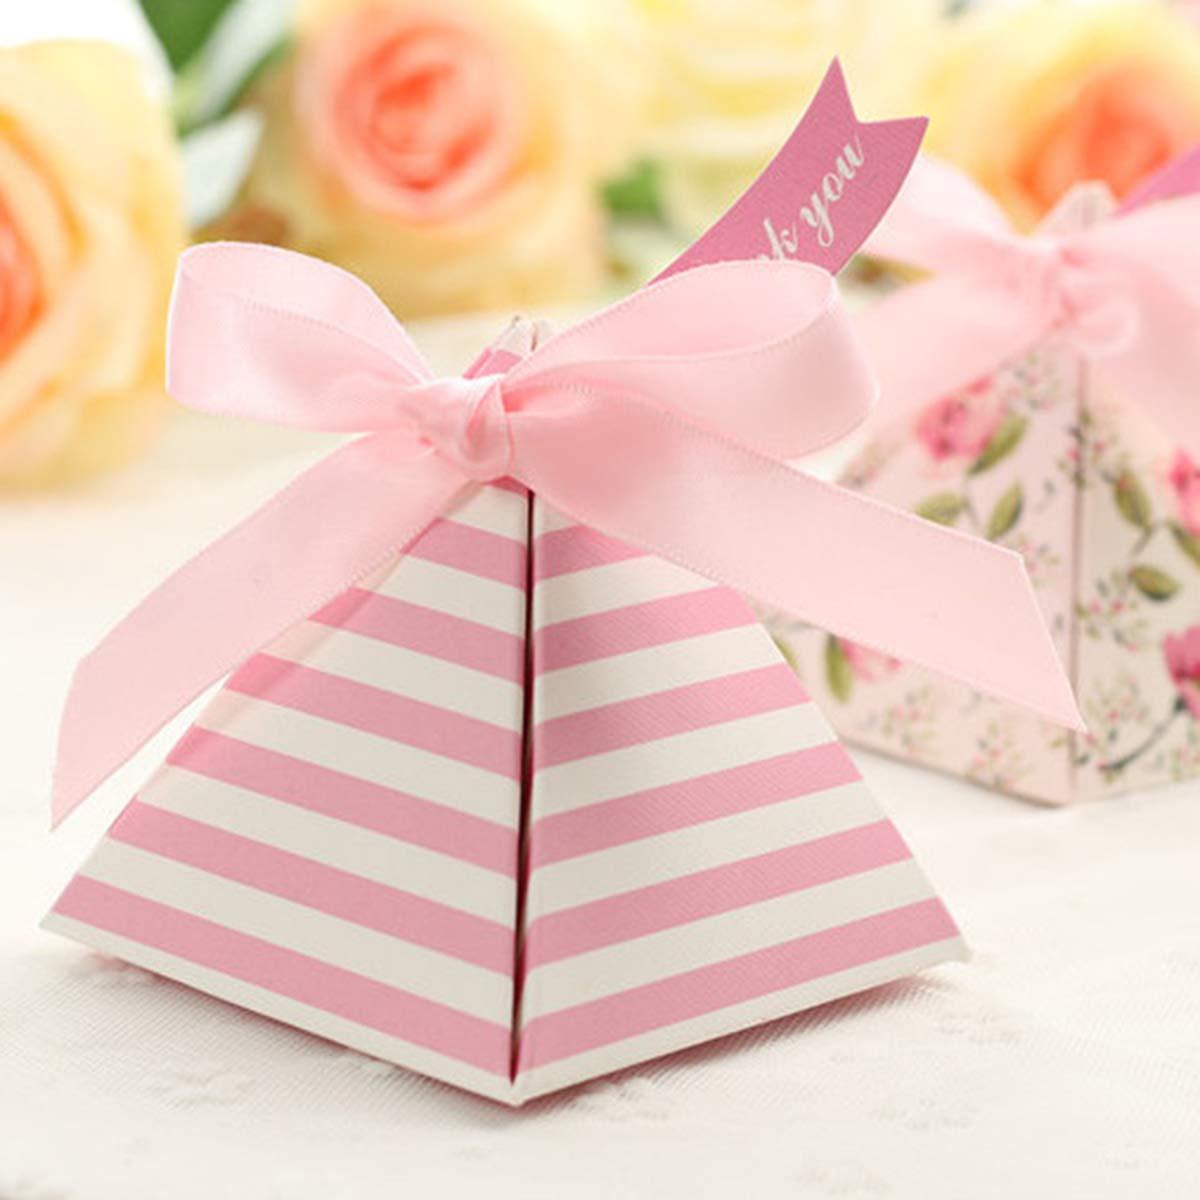 / Toyvian Bo/îte de Cadeau de Papier Rose du Triangle de la bo/îte de Bonbons de Mariage pour Le Festival de la f/ête Mariage /25pcs Rose, avec Les Rubans et Les Cartes